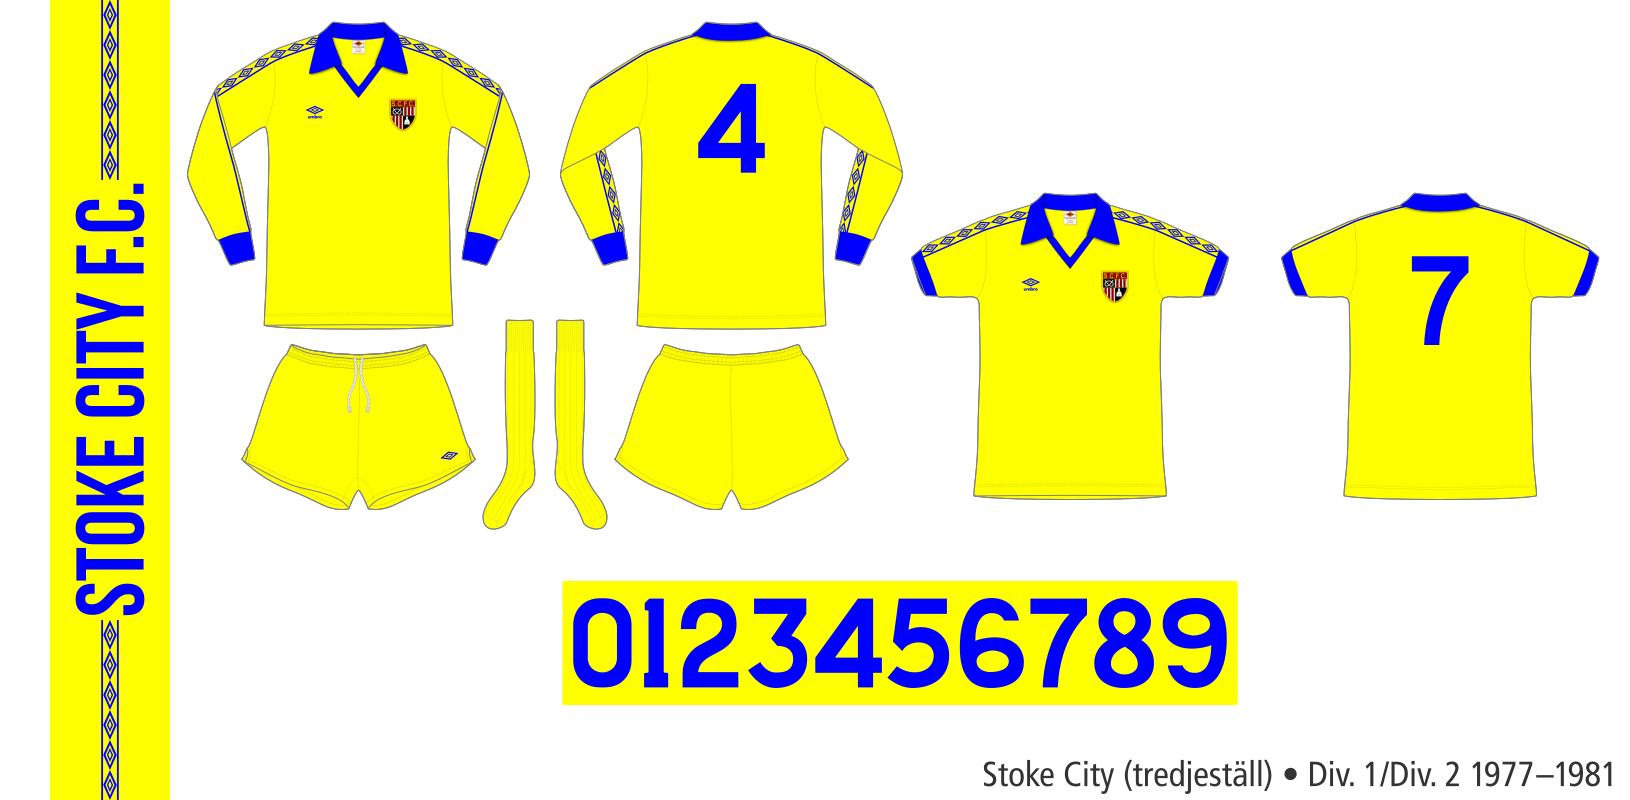 Stoke City 1977–1981 (tredjeställ)